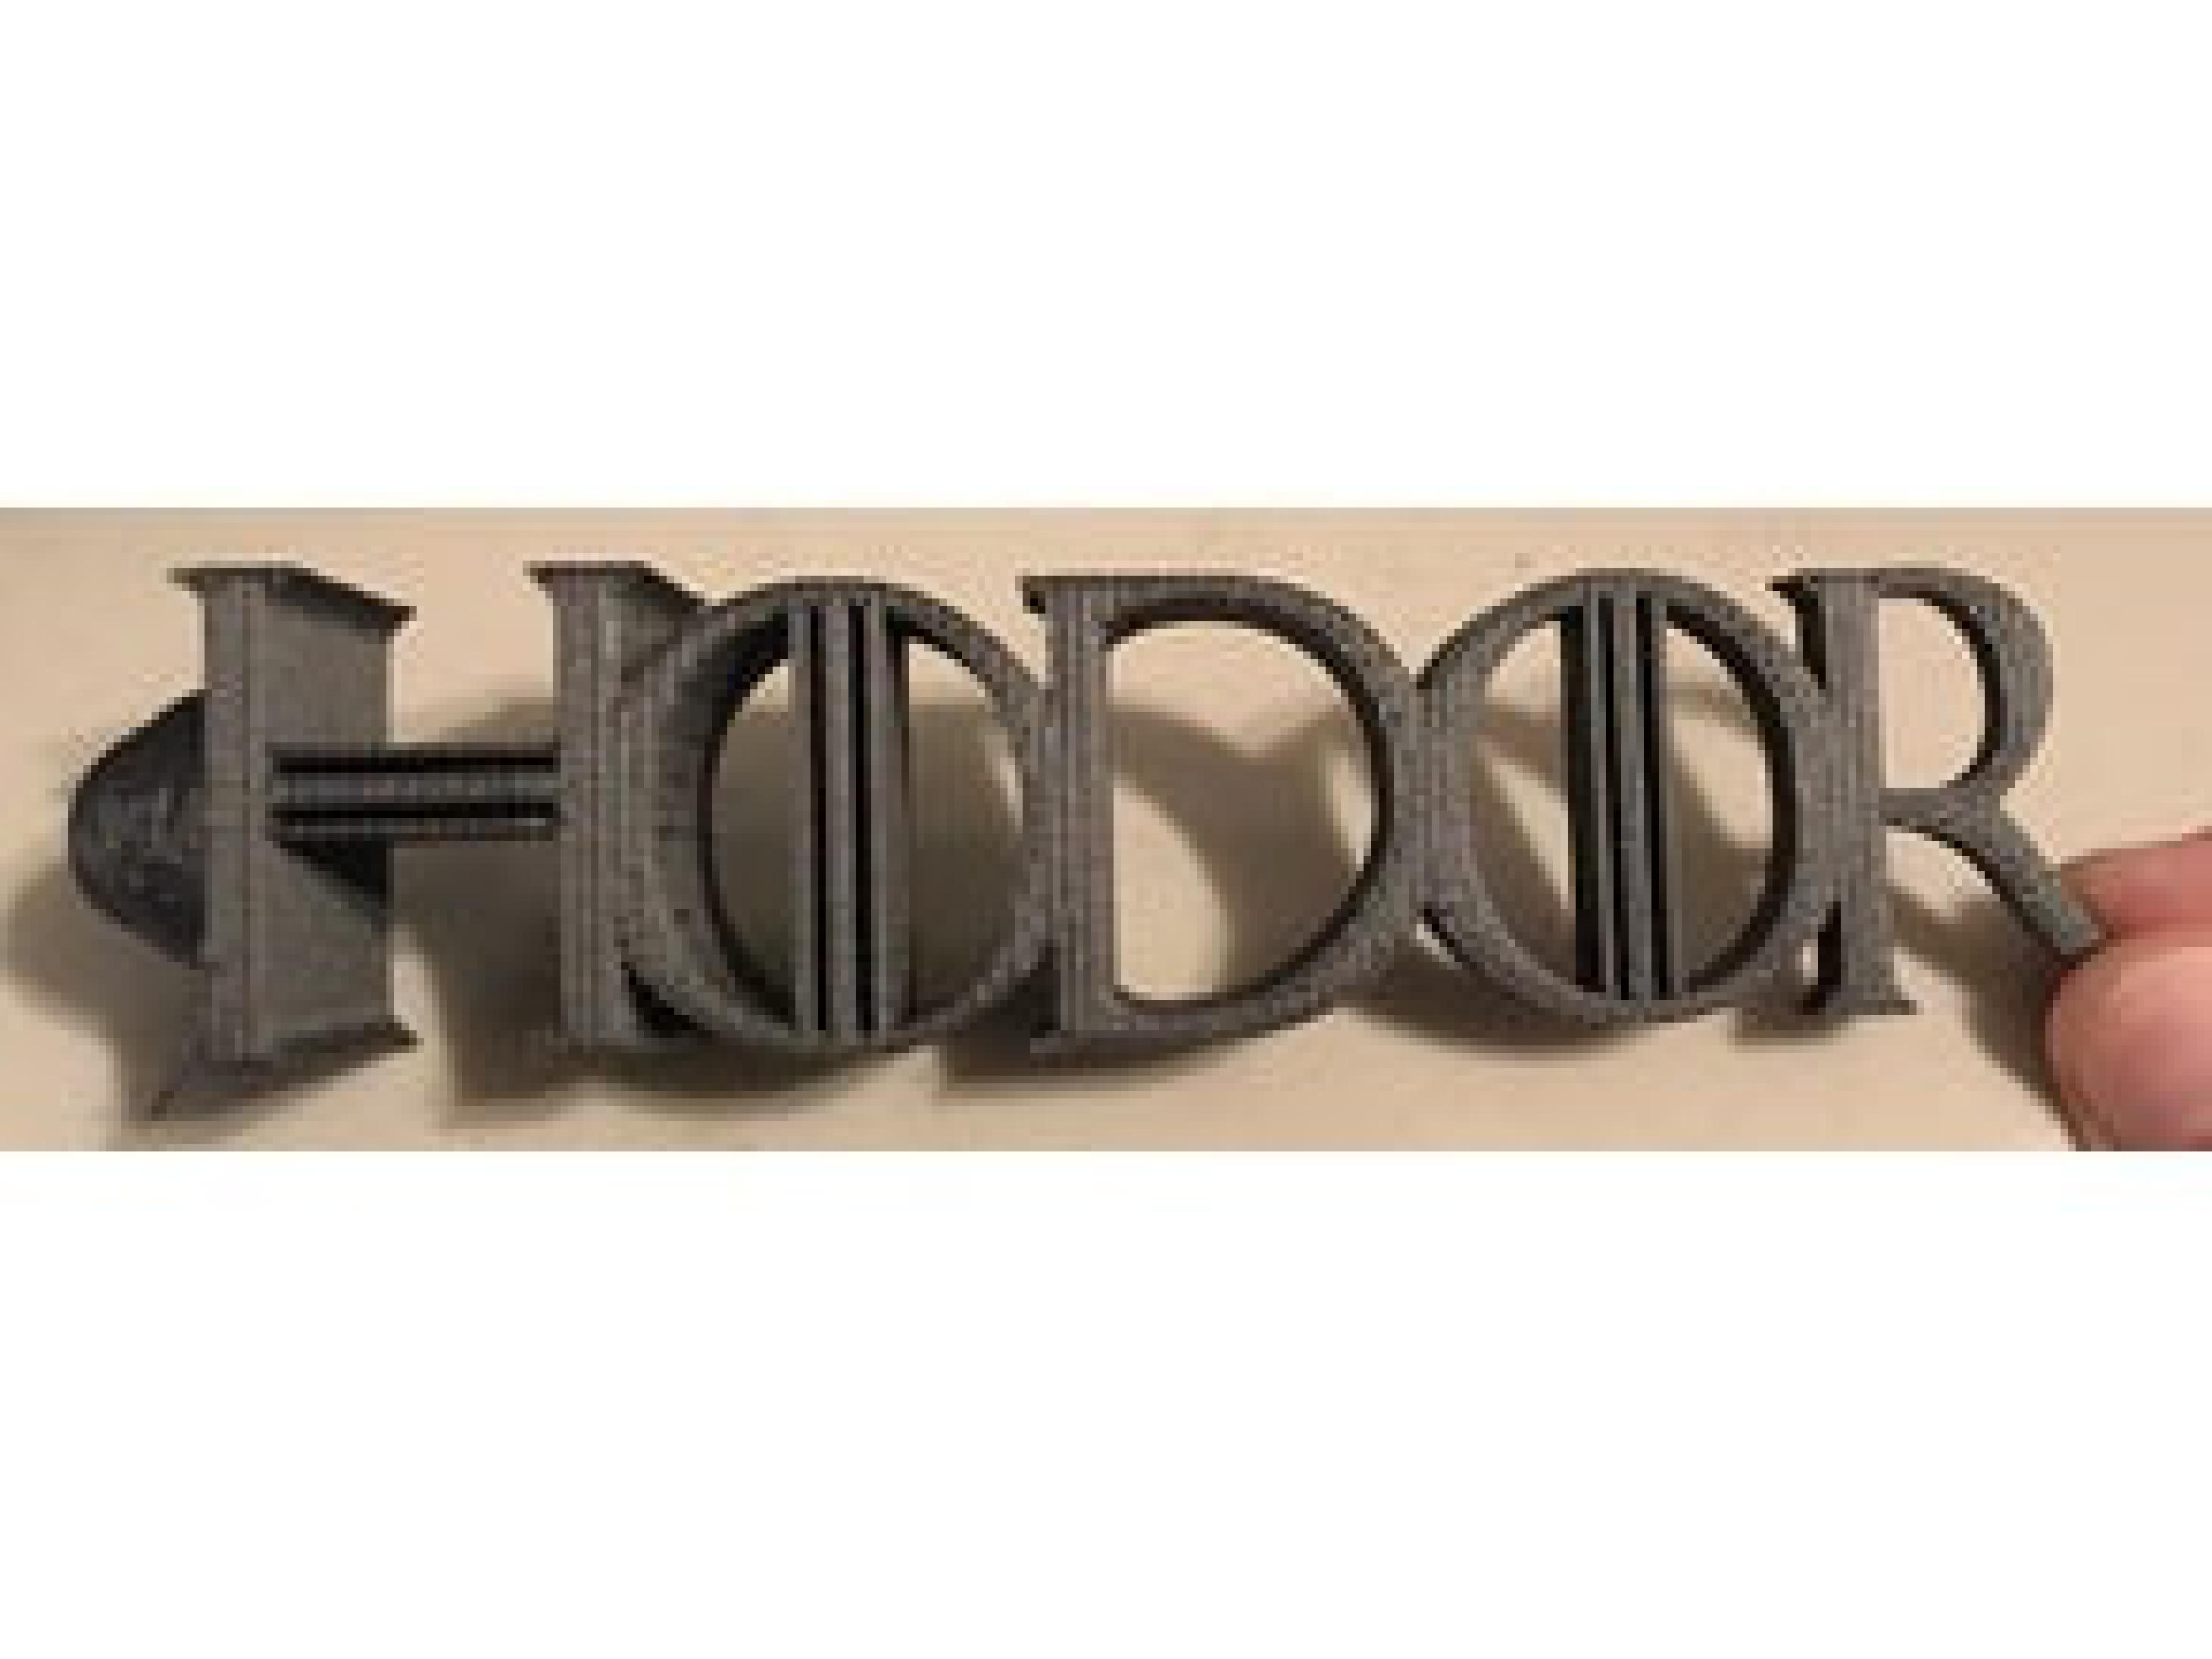 Hodor Kapı Durdurcu Kapanma Önleyici Engel Takoz